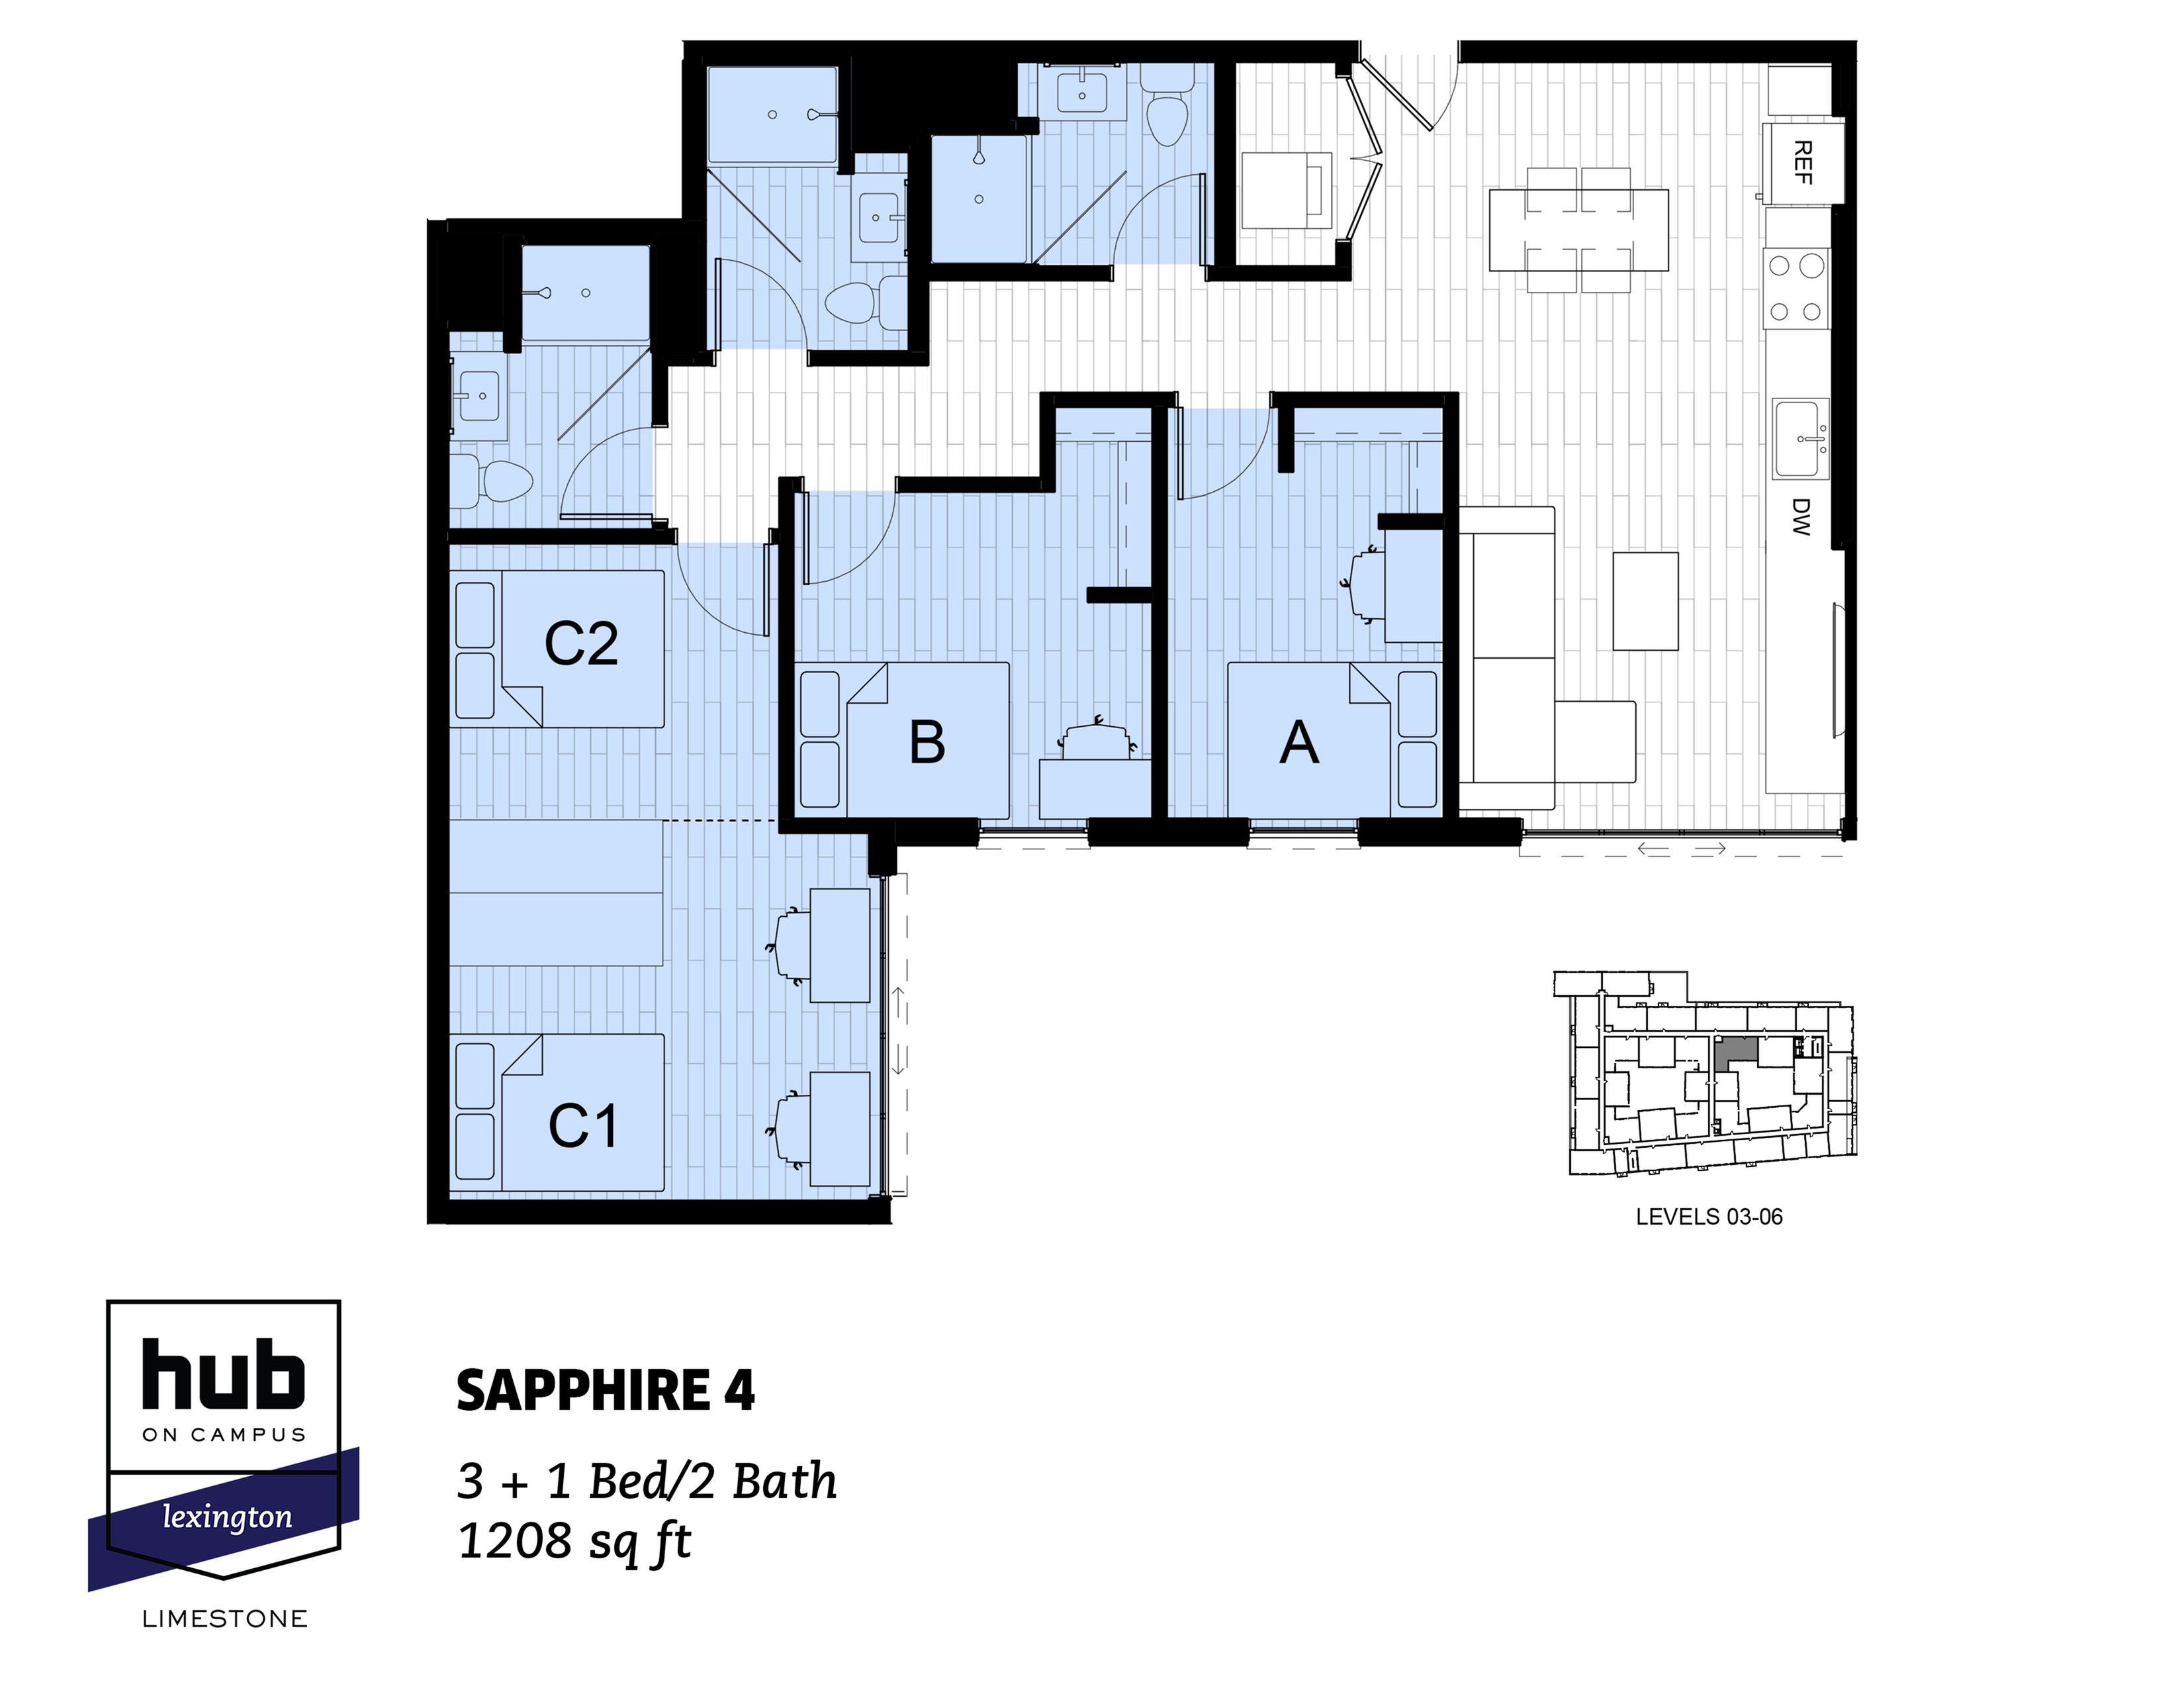 Sapphire 4